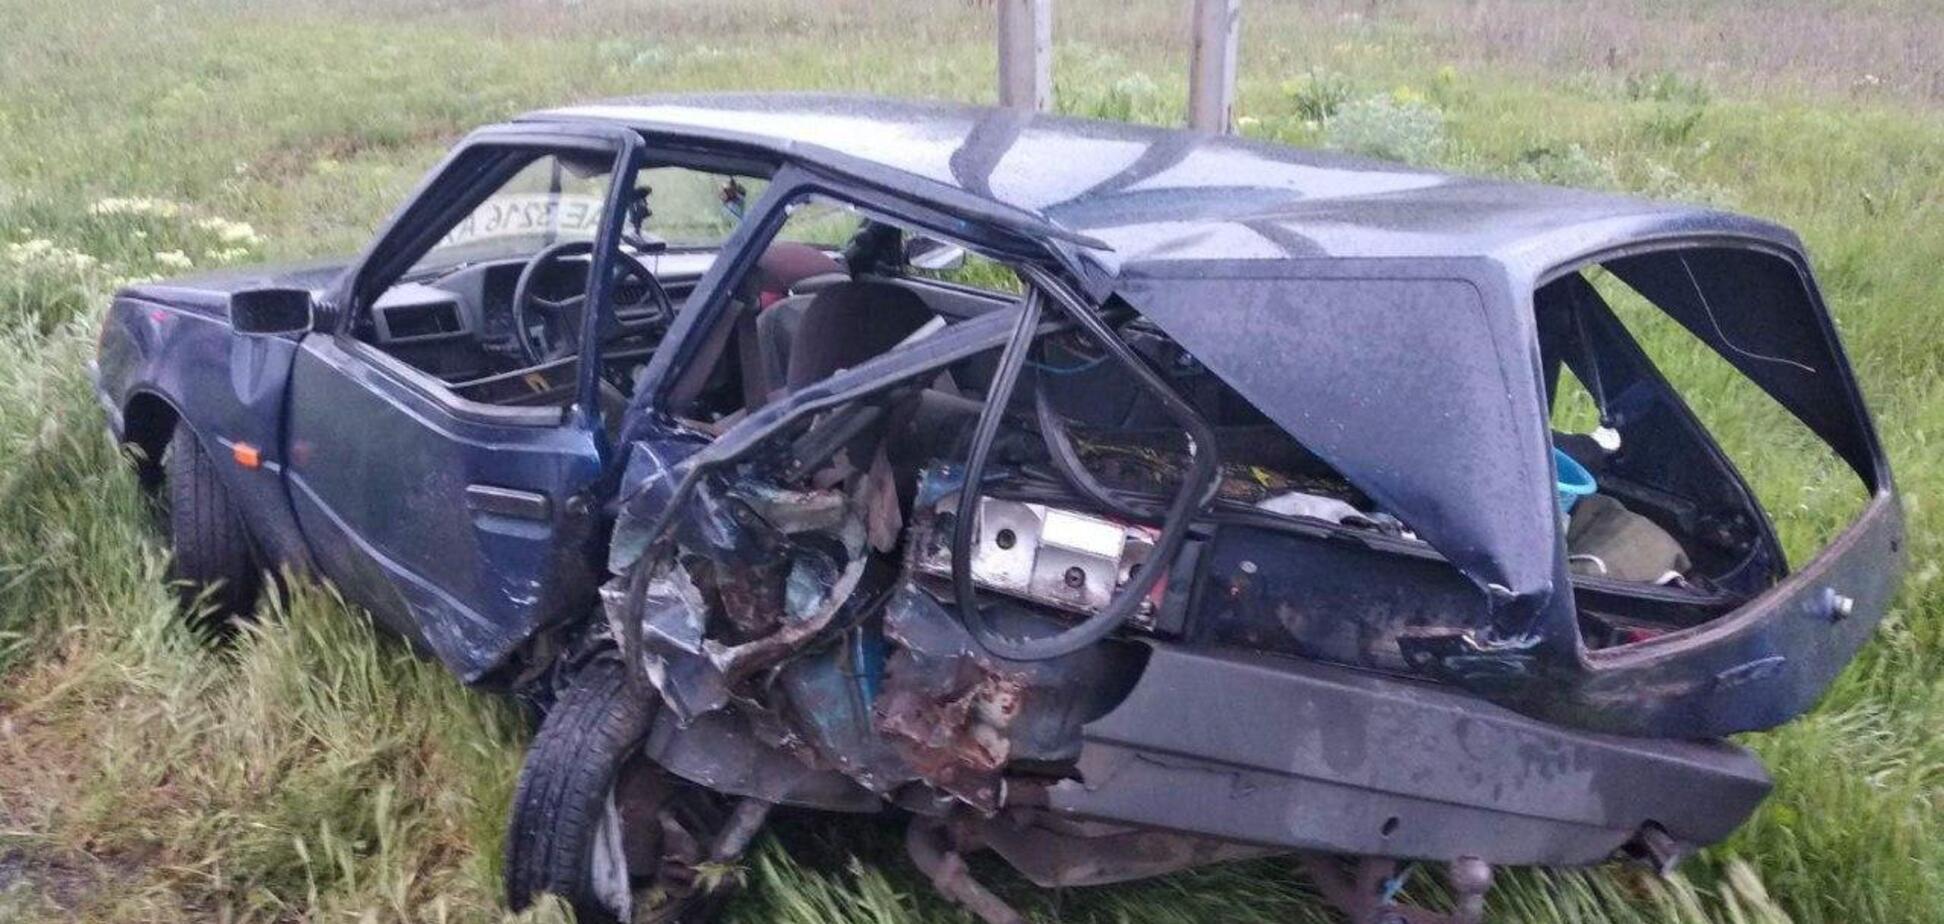 Під Дніпром Mazda на величезній швидкості влетіла в ЗАЗ: авто перетворилося на купу металу